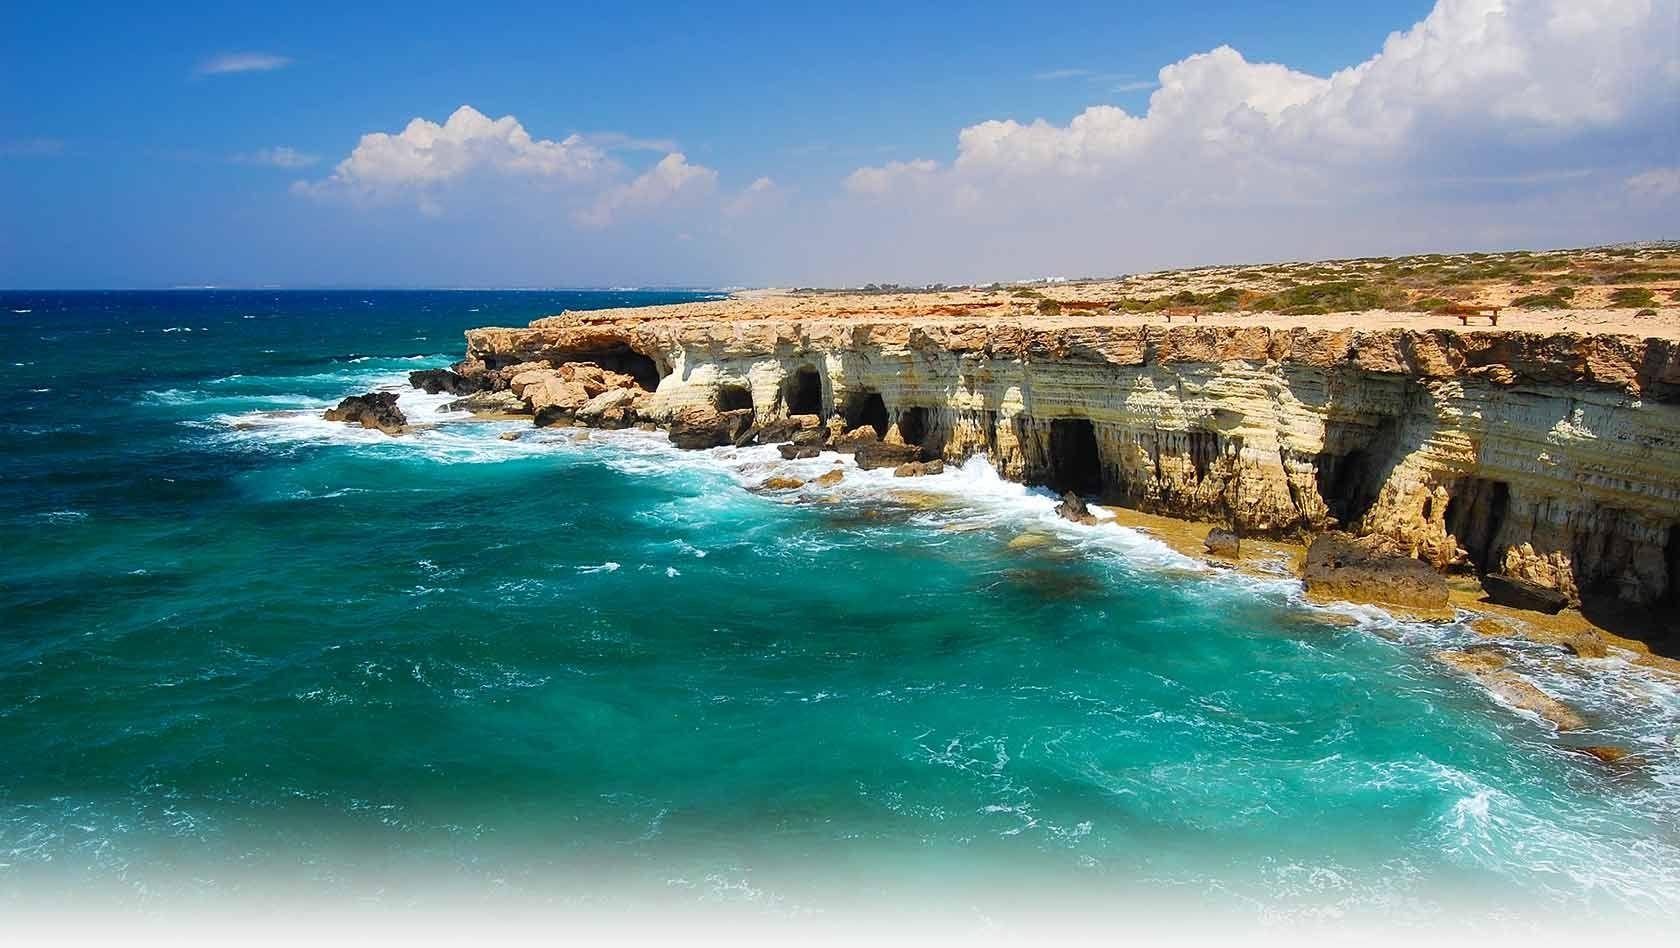 ООН не отказывается от заключения соглашения по Кипру